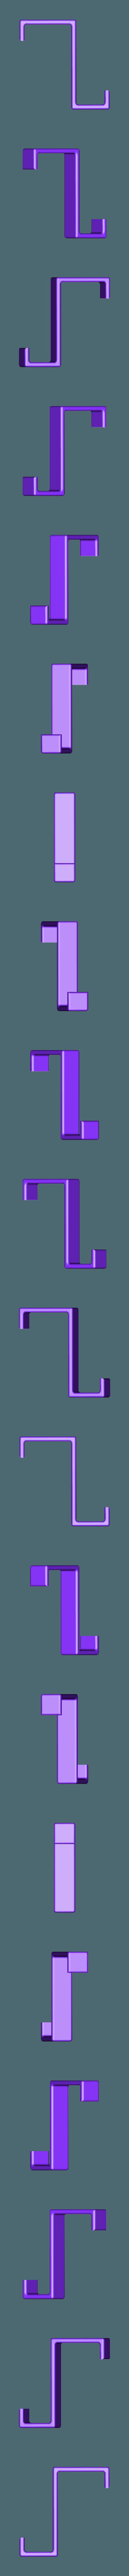 9Door_Hooks.STL Télécharger fichier STL gratuit Crochets de porte (10 tailles différentes) • Design pour impression 3D, Saeid